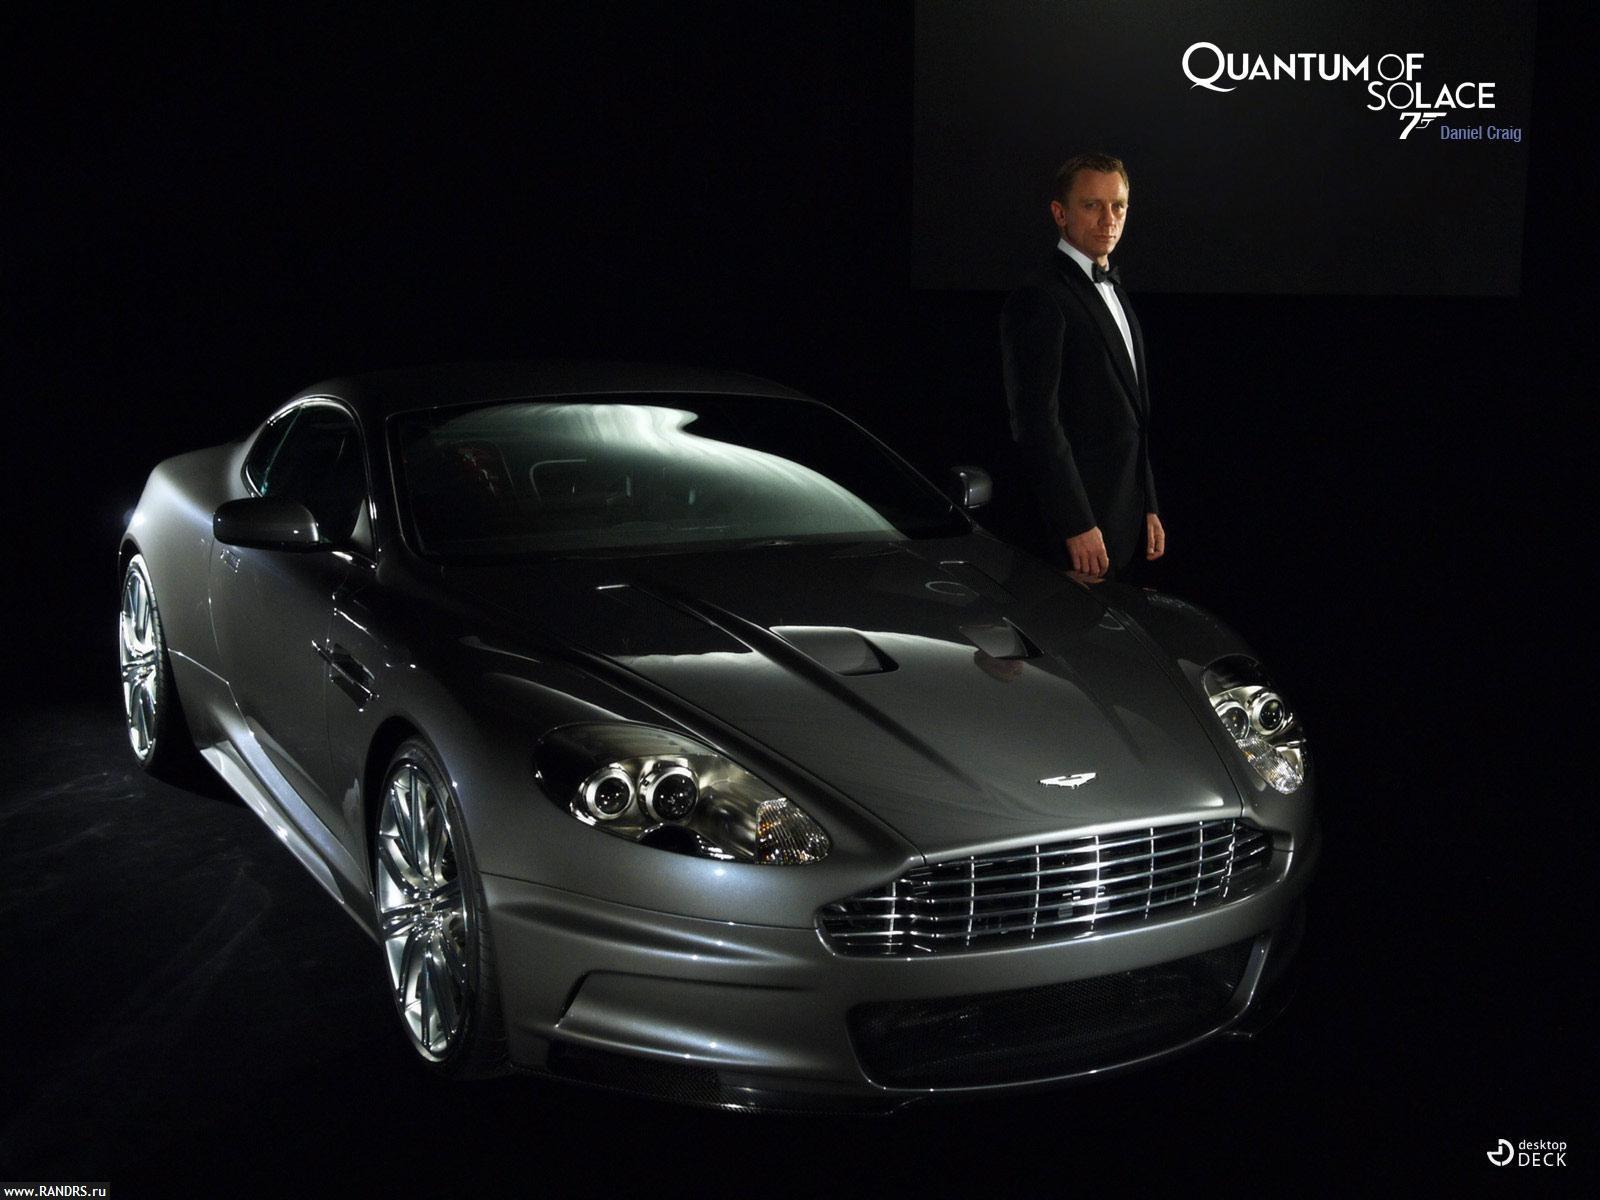 壁紙 ジェームズ ボンド 007 007 慰めの報酬 映画 ダウンロード 写真